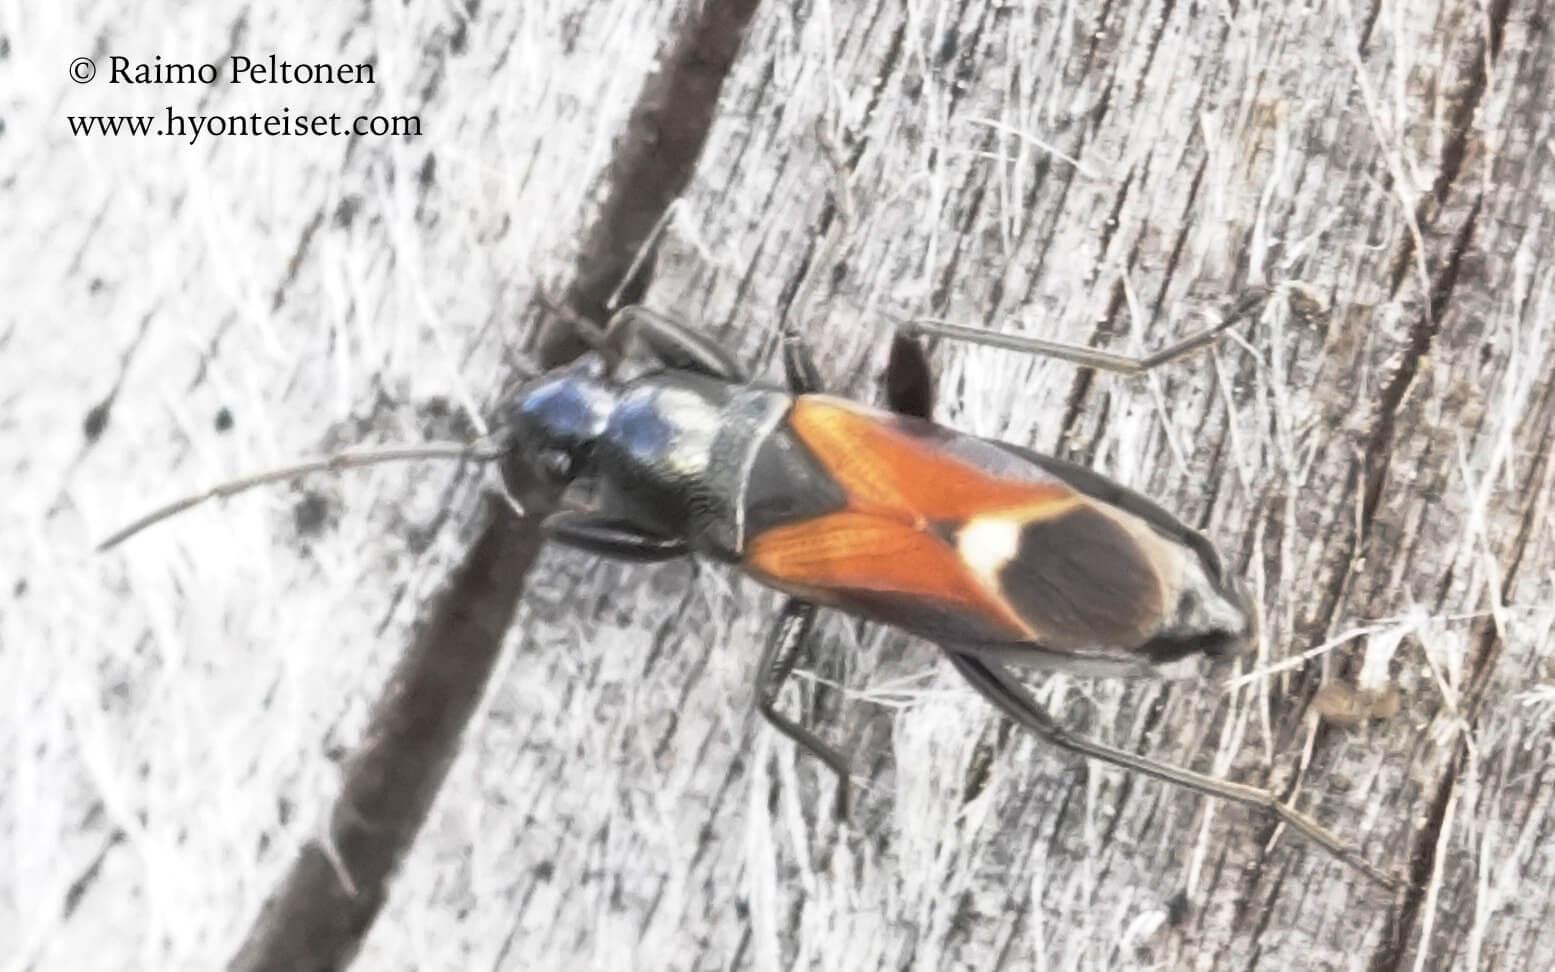 Pterometus staphylinoformis-kärppälude (det. Juha Haimi), 17.8.2016 Jyväskylä